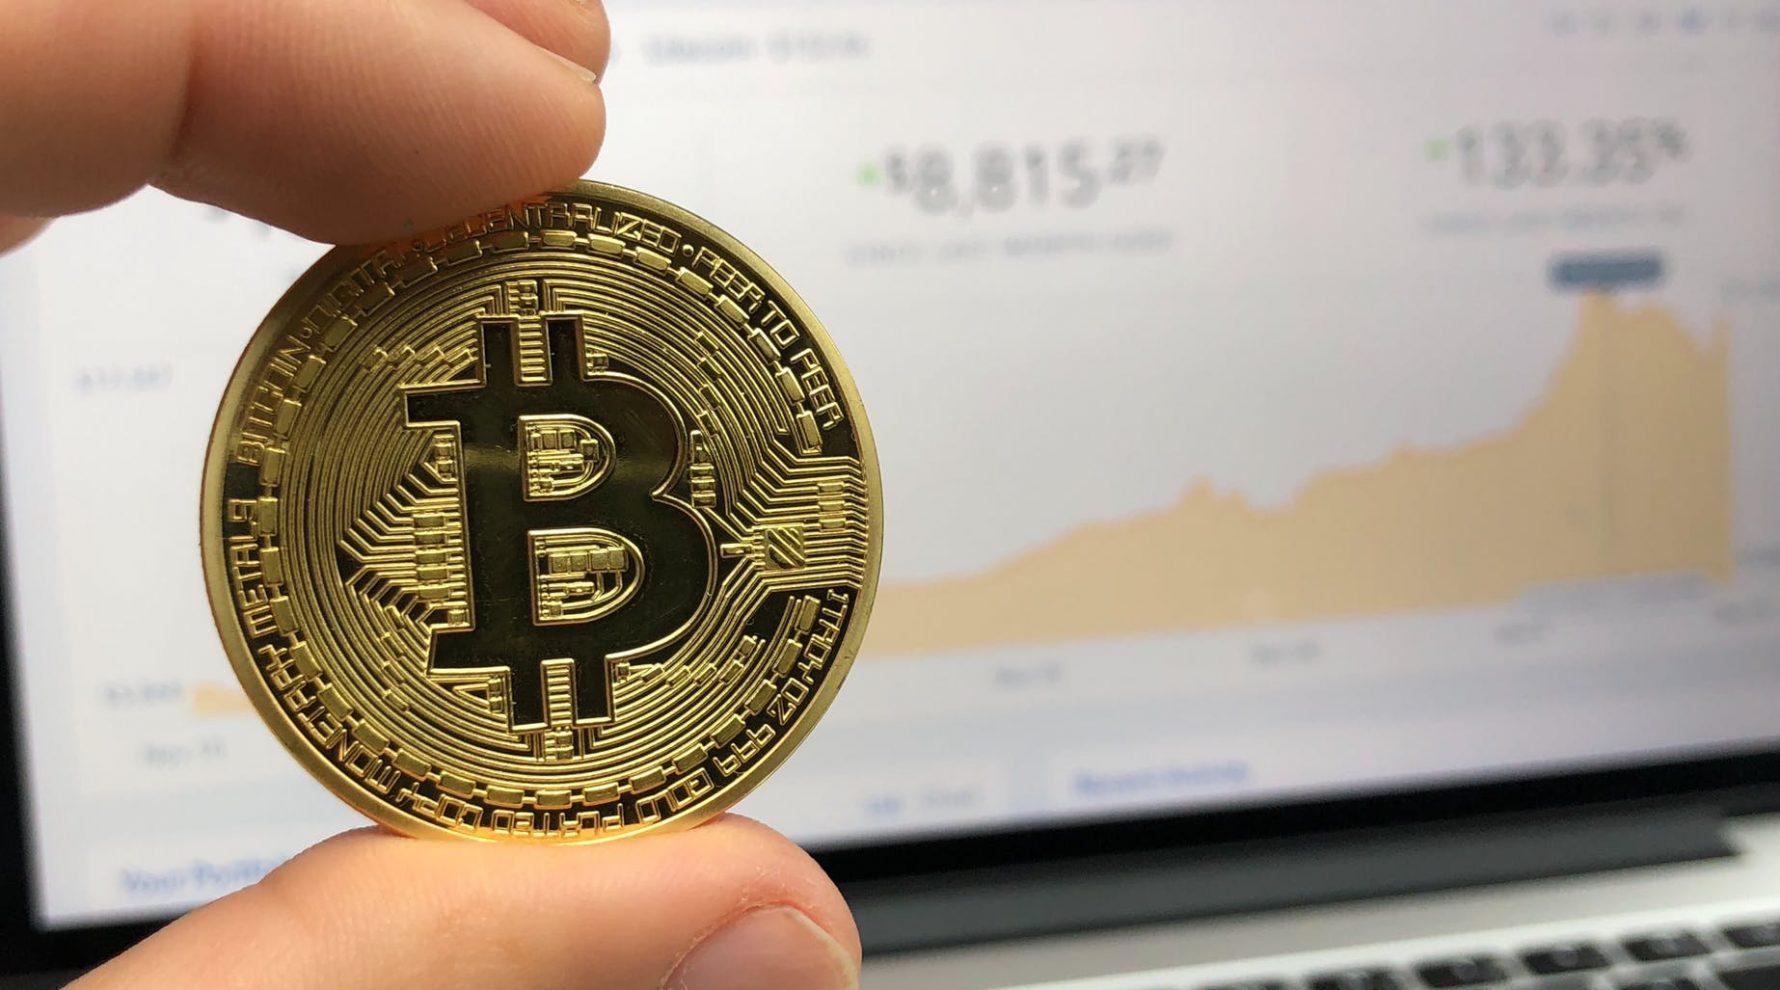 Útmutató a kriptovaluta árindexek világához - krisztinahaz.hu